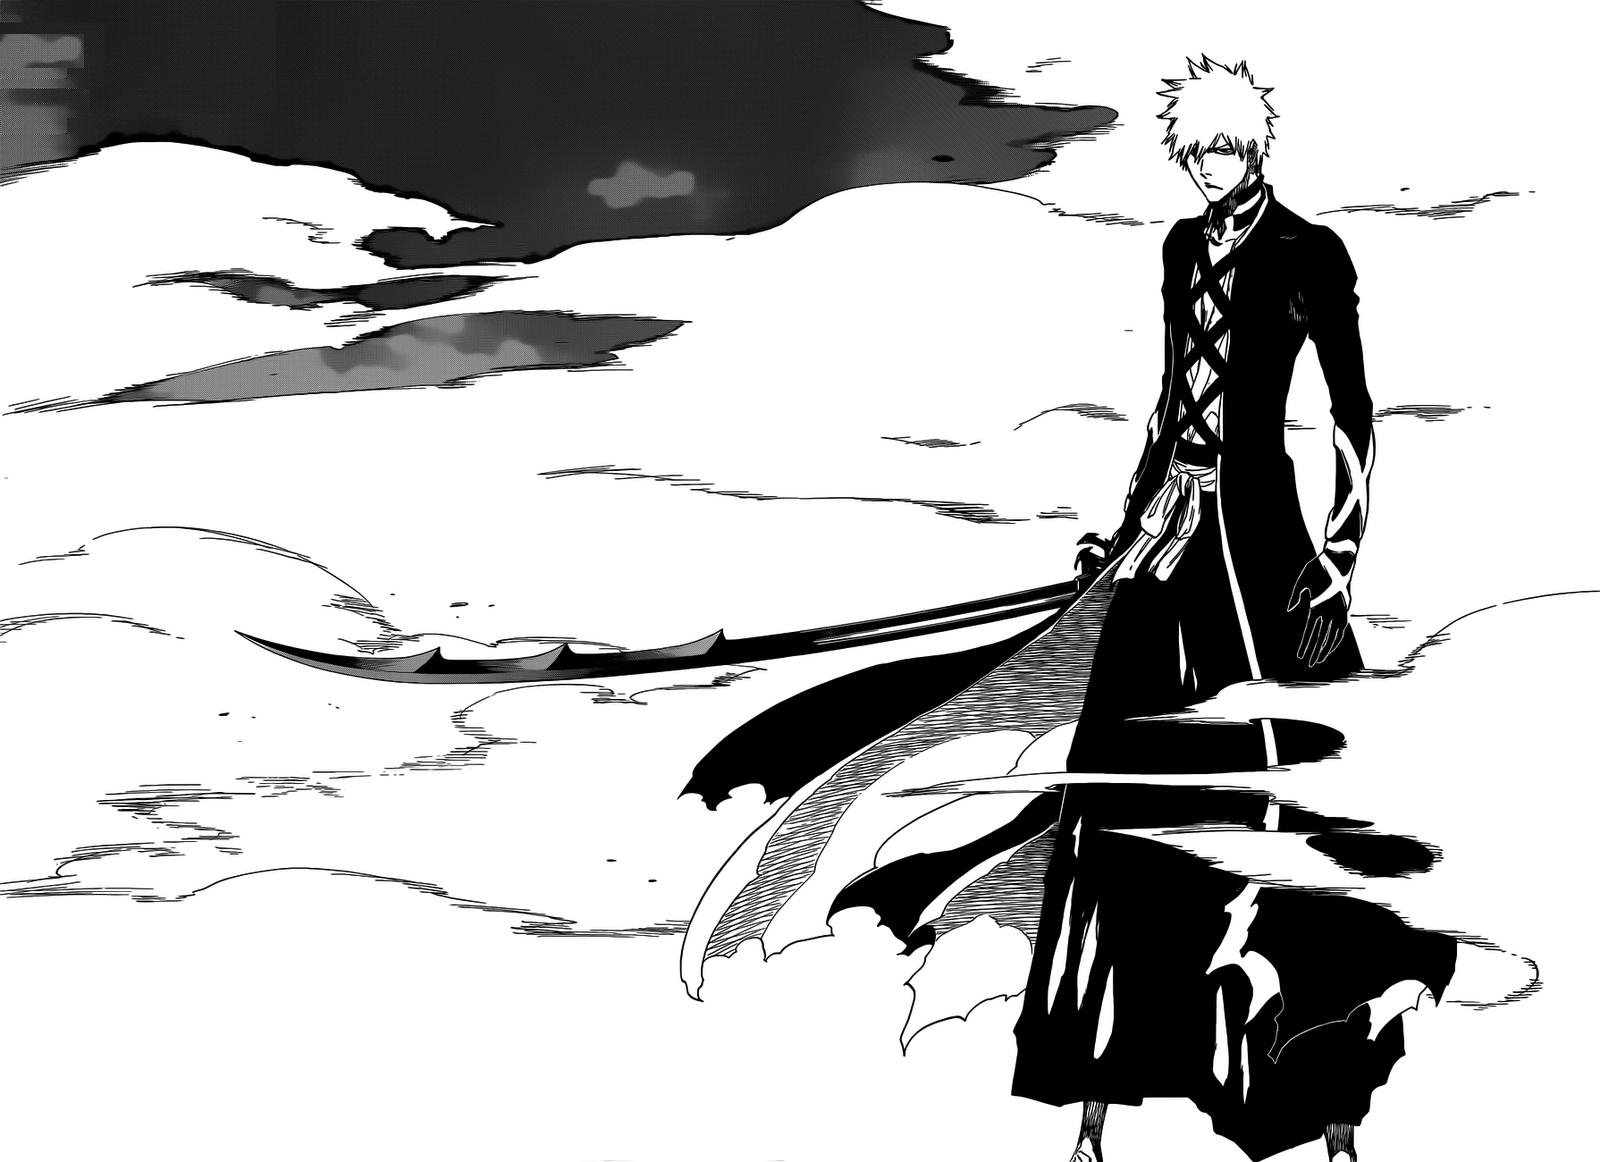 [Shounen Manga] - Bleach New+Bankai+e